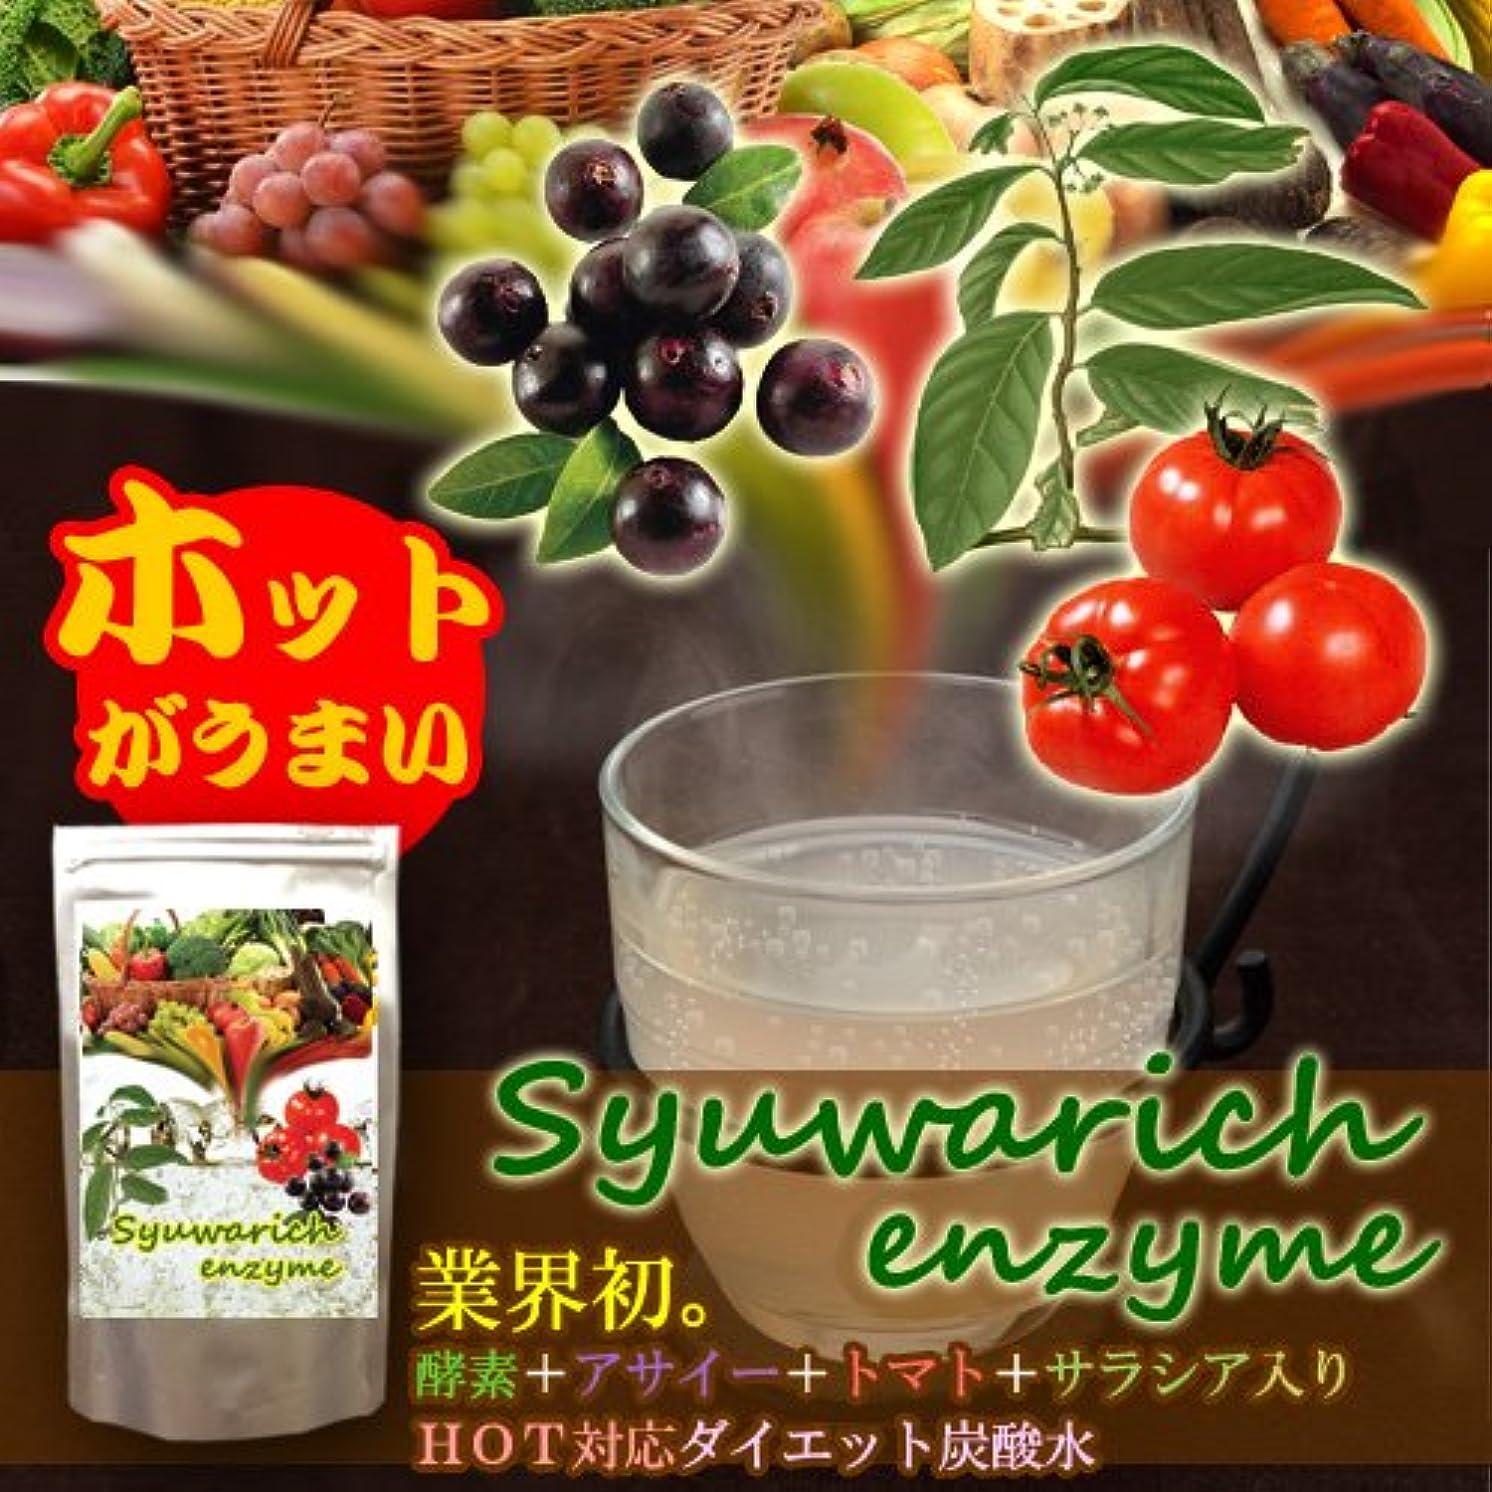 東ティモール悪のミュートシュワリッチ エンザイム 2個セット(酵素+アサイー+トマト+サラシア+フォルスコリ配合 ホット対応ダイエット炭酸水)